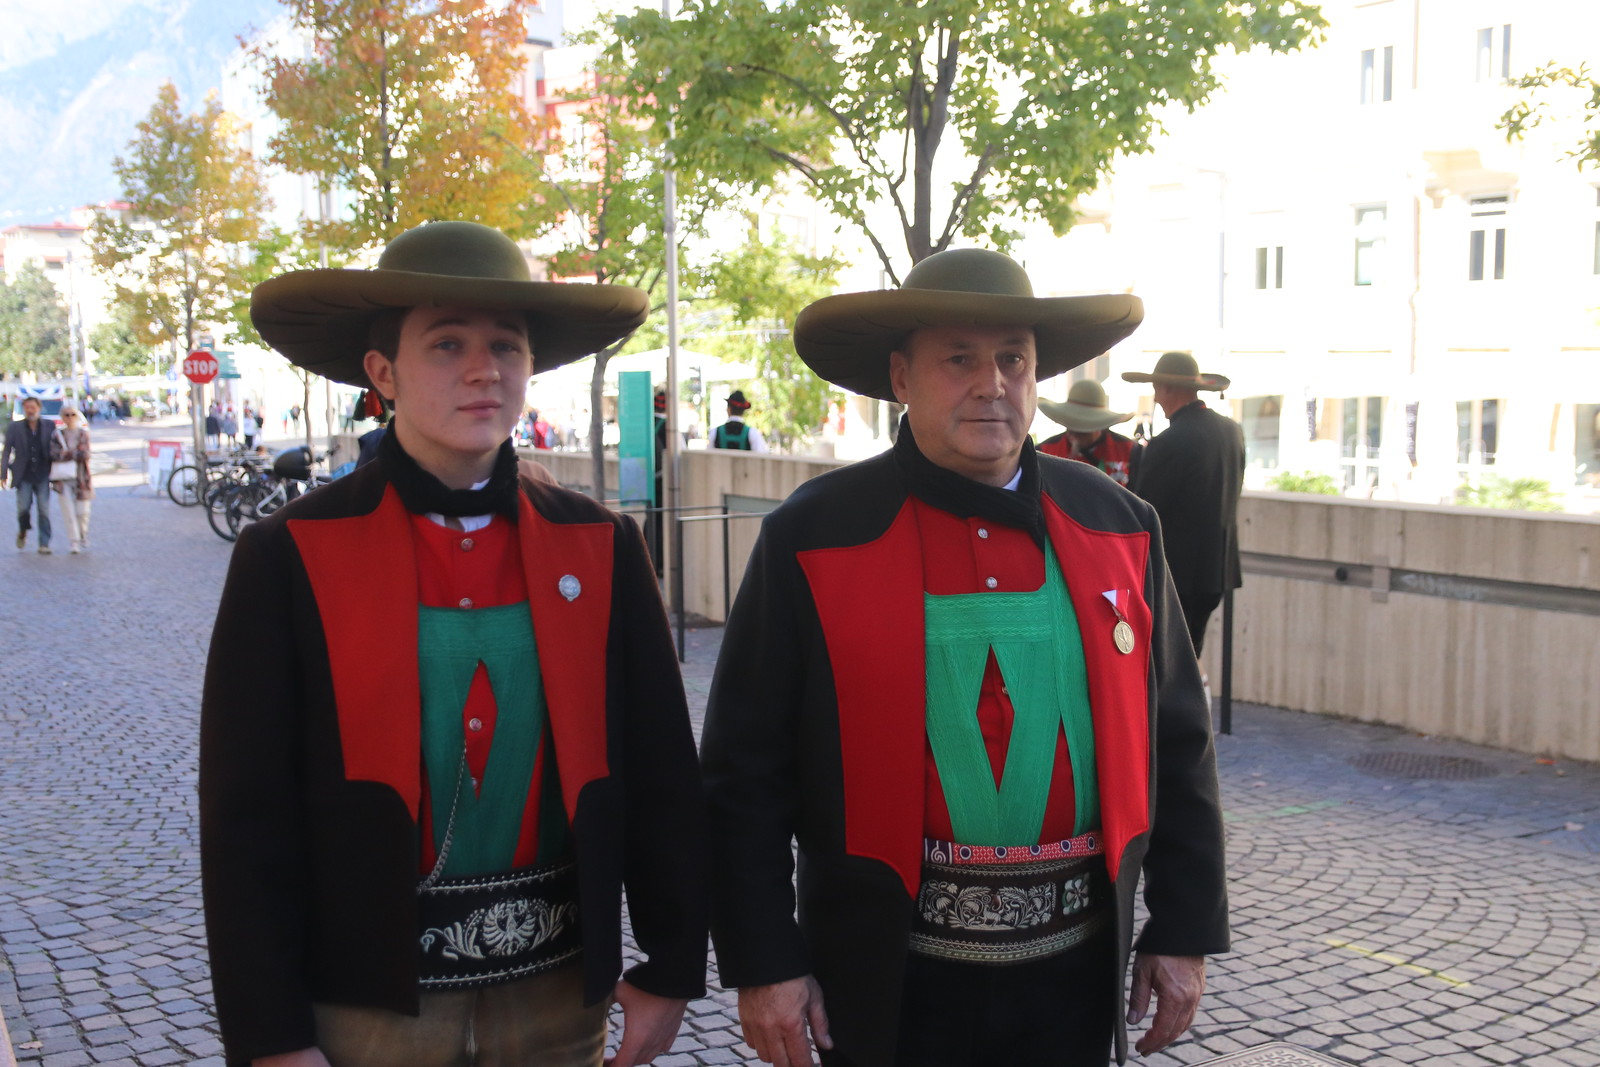 Verleihung Verdienstkreuze des Landes Tirol in Meran, 10.10.2021